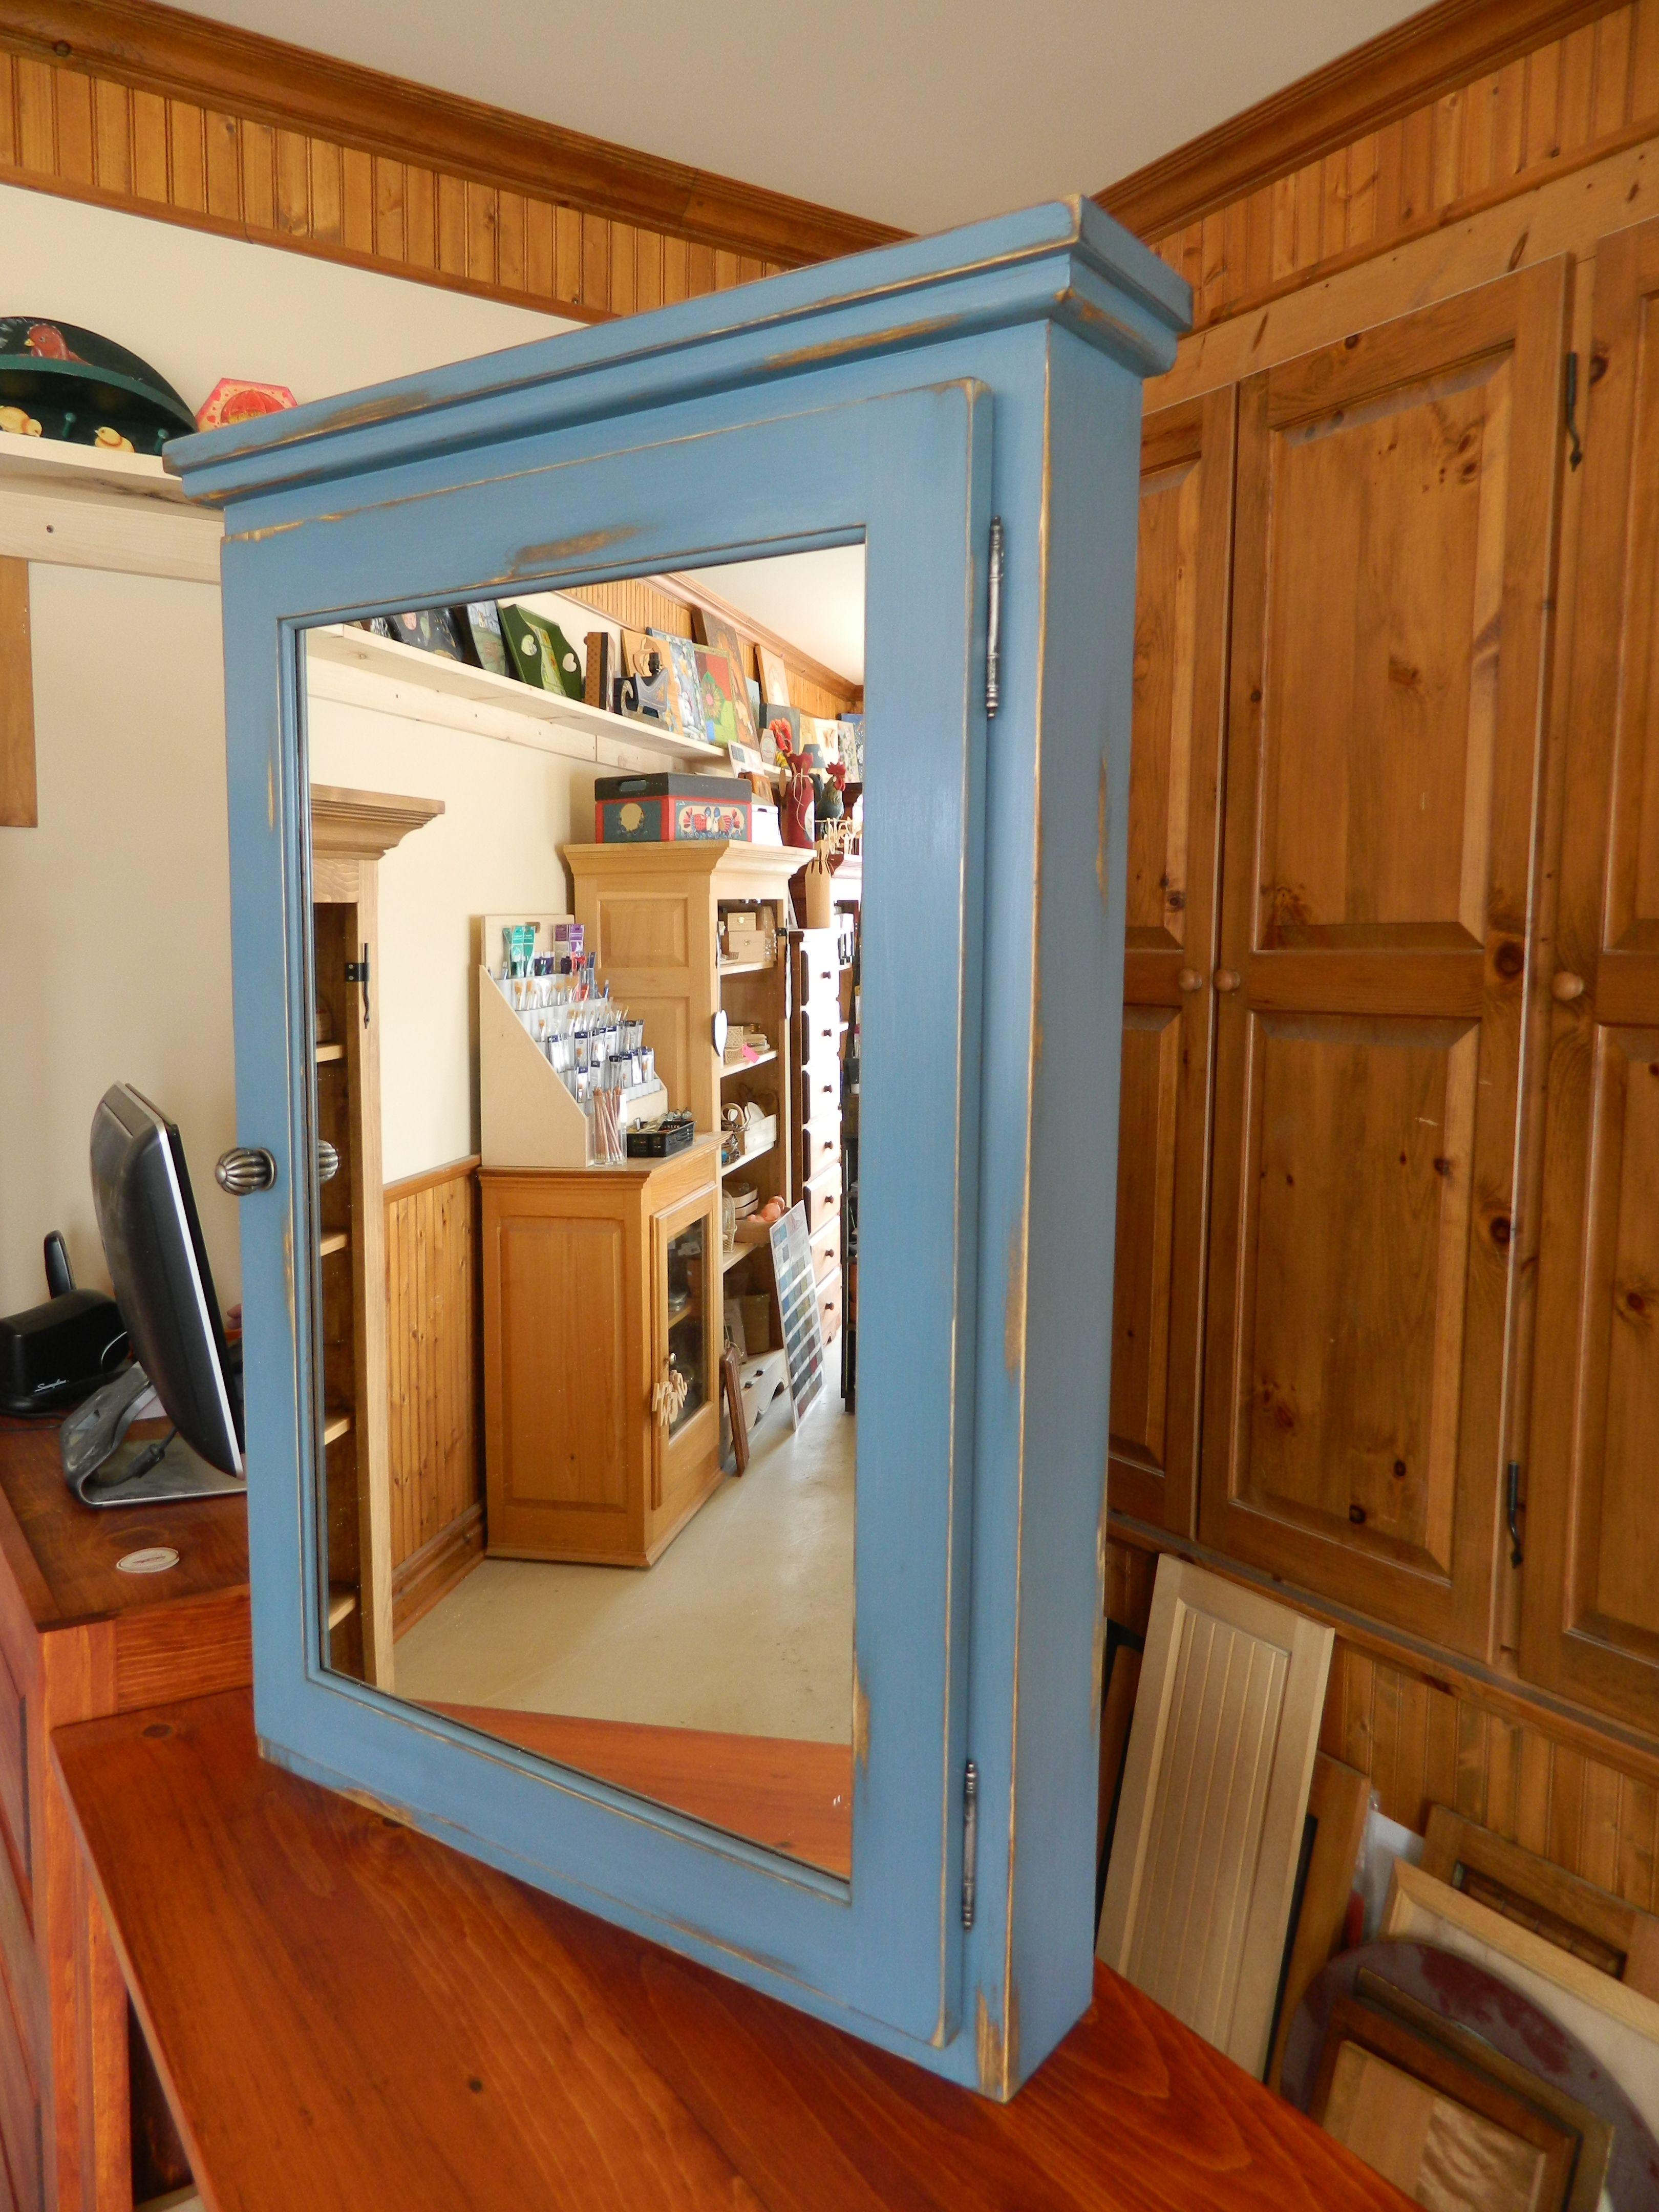 Pharmacie de salle de bain fabriqu sur mesure en pin porte miroir finition peinture de lait - Peinture pour meuble en pin ...